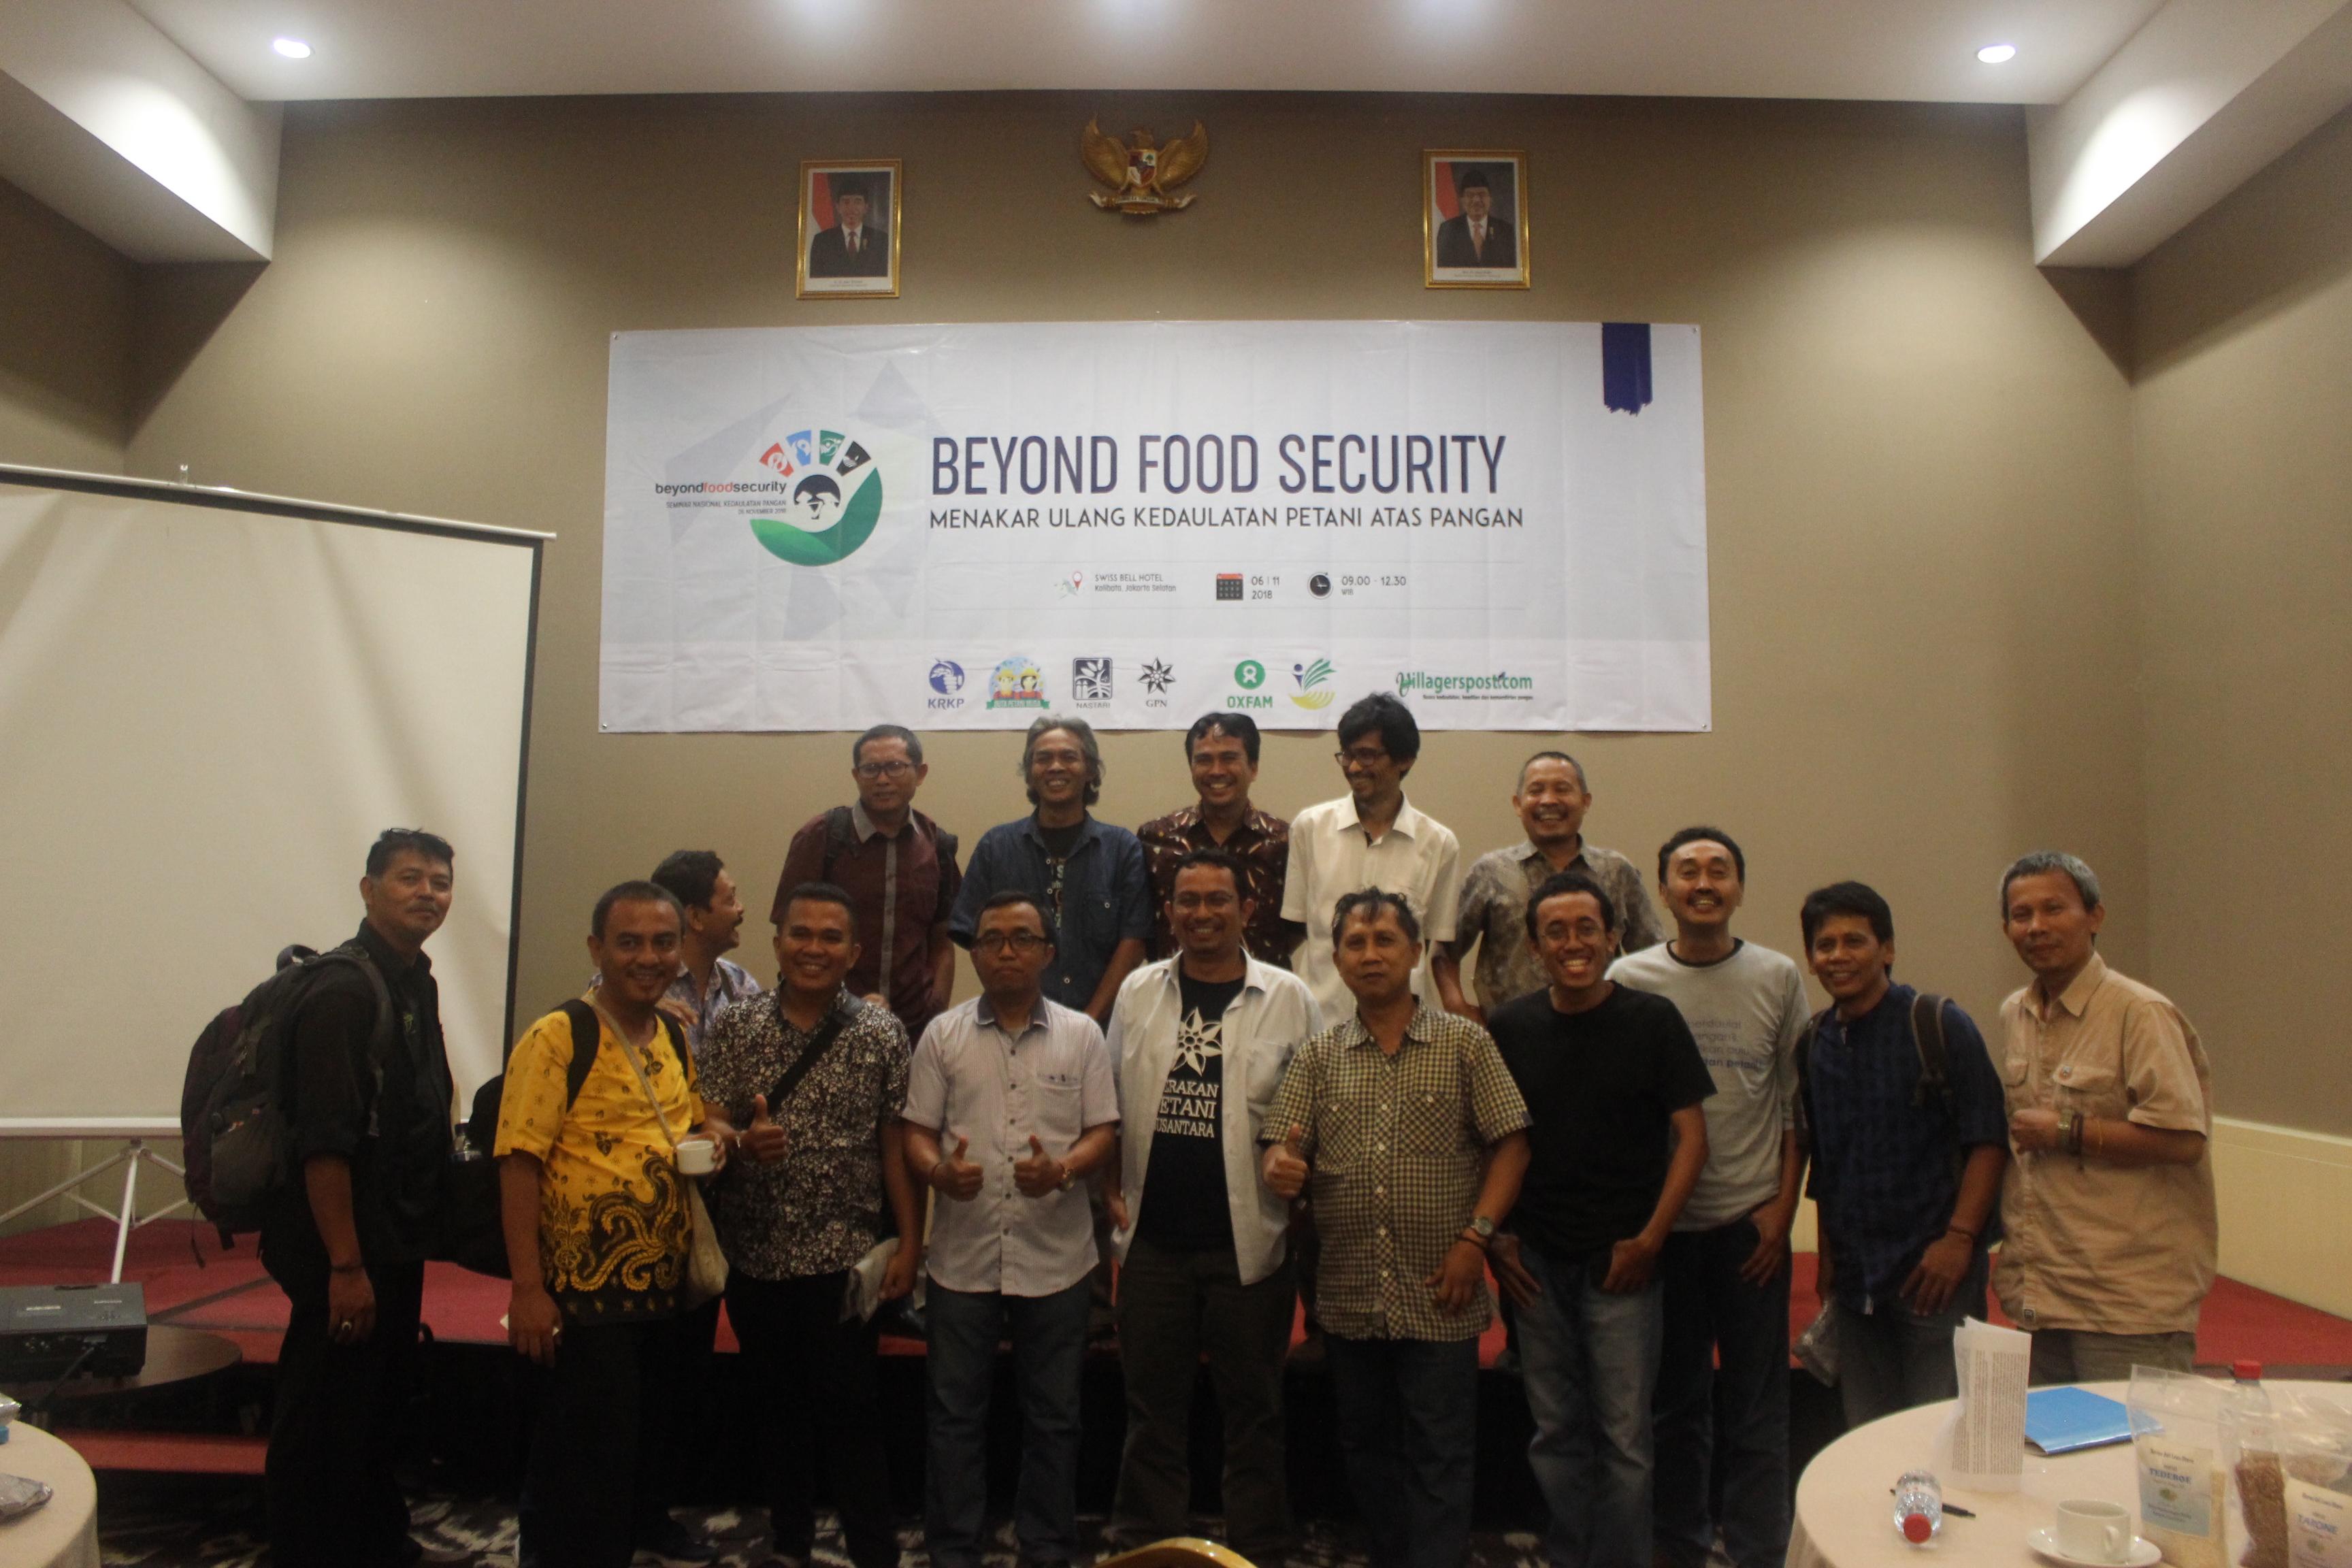 Food Beyond Security